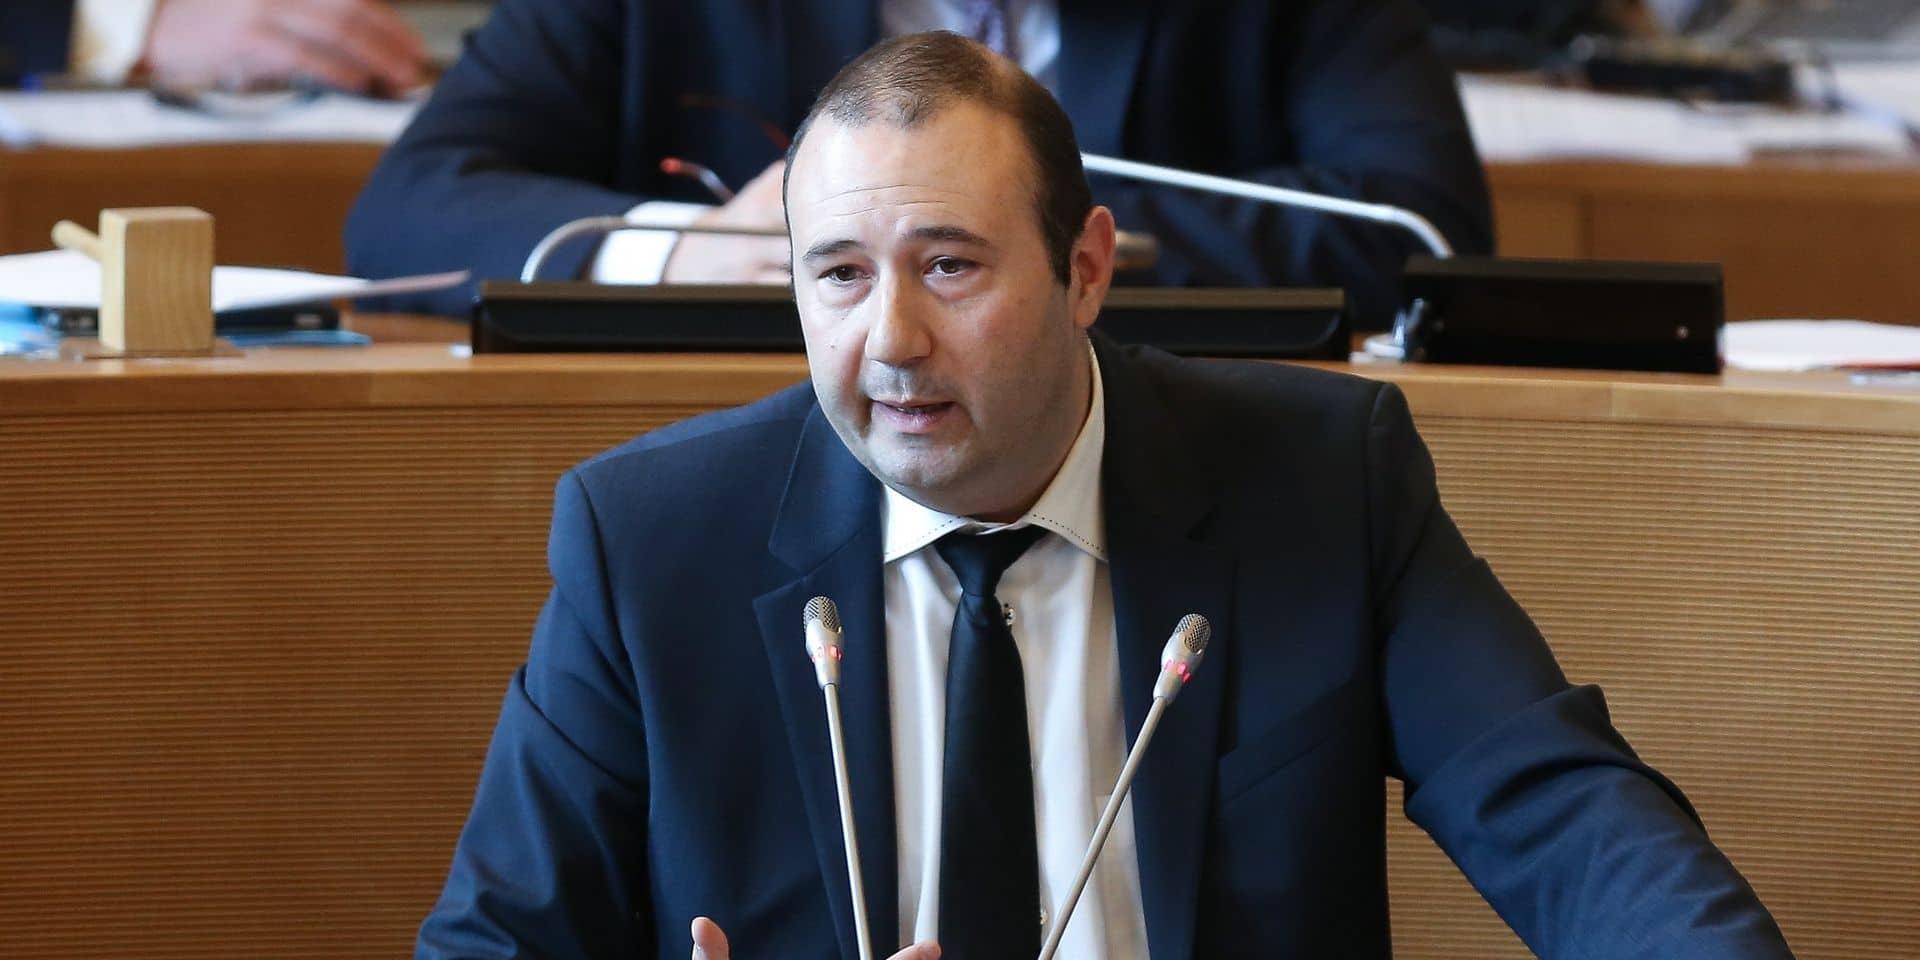 """Interpellé sur l'affaire Nethys, Christophe Collignon réagit: """"Je ne suis ni procureur, ni juge d'instruction"""""""